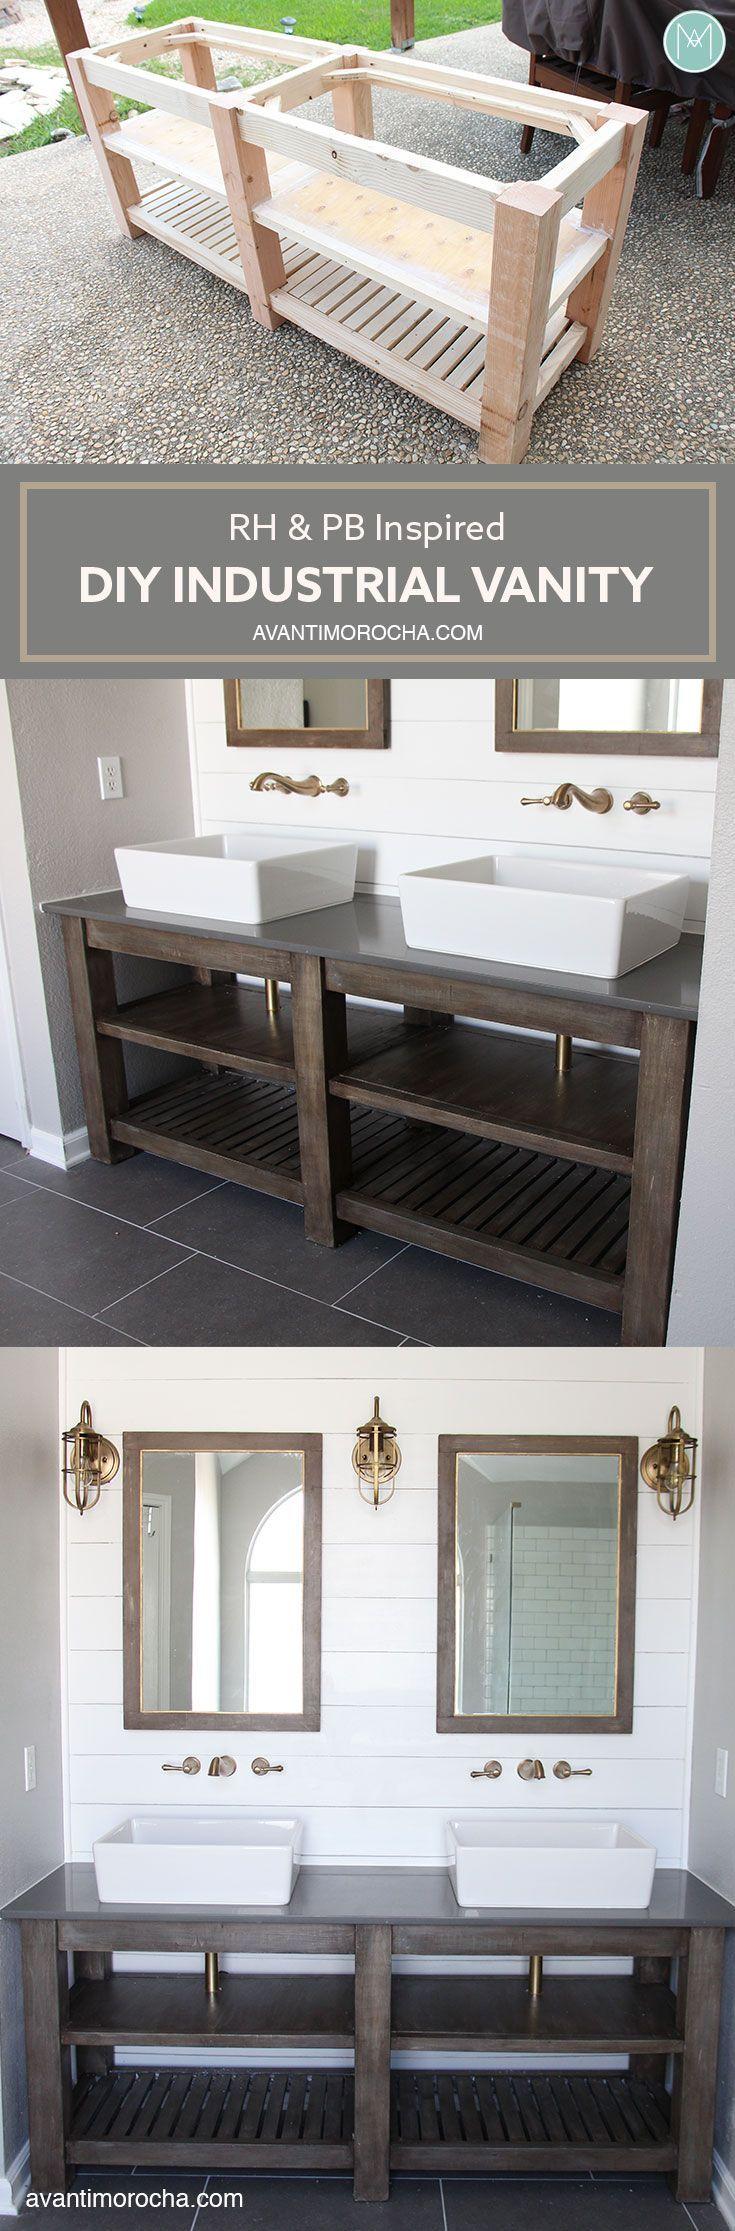 Best 25 industrial mirrors ideas on pinterest mirror - Industrial style bathroom vanities ...